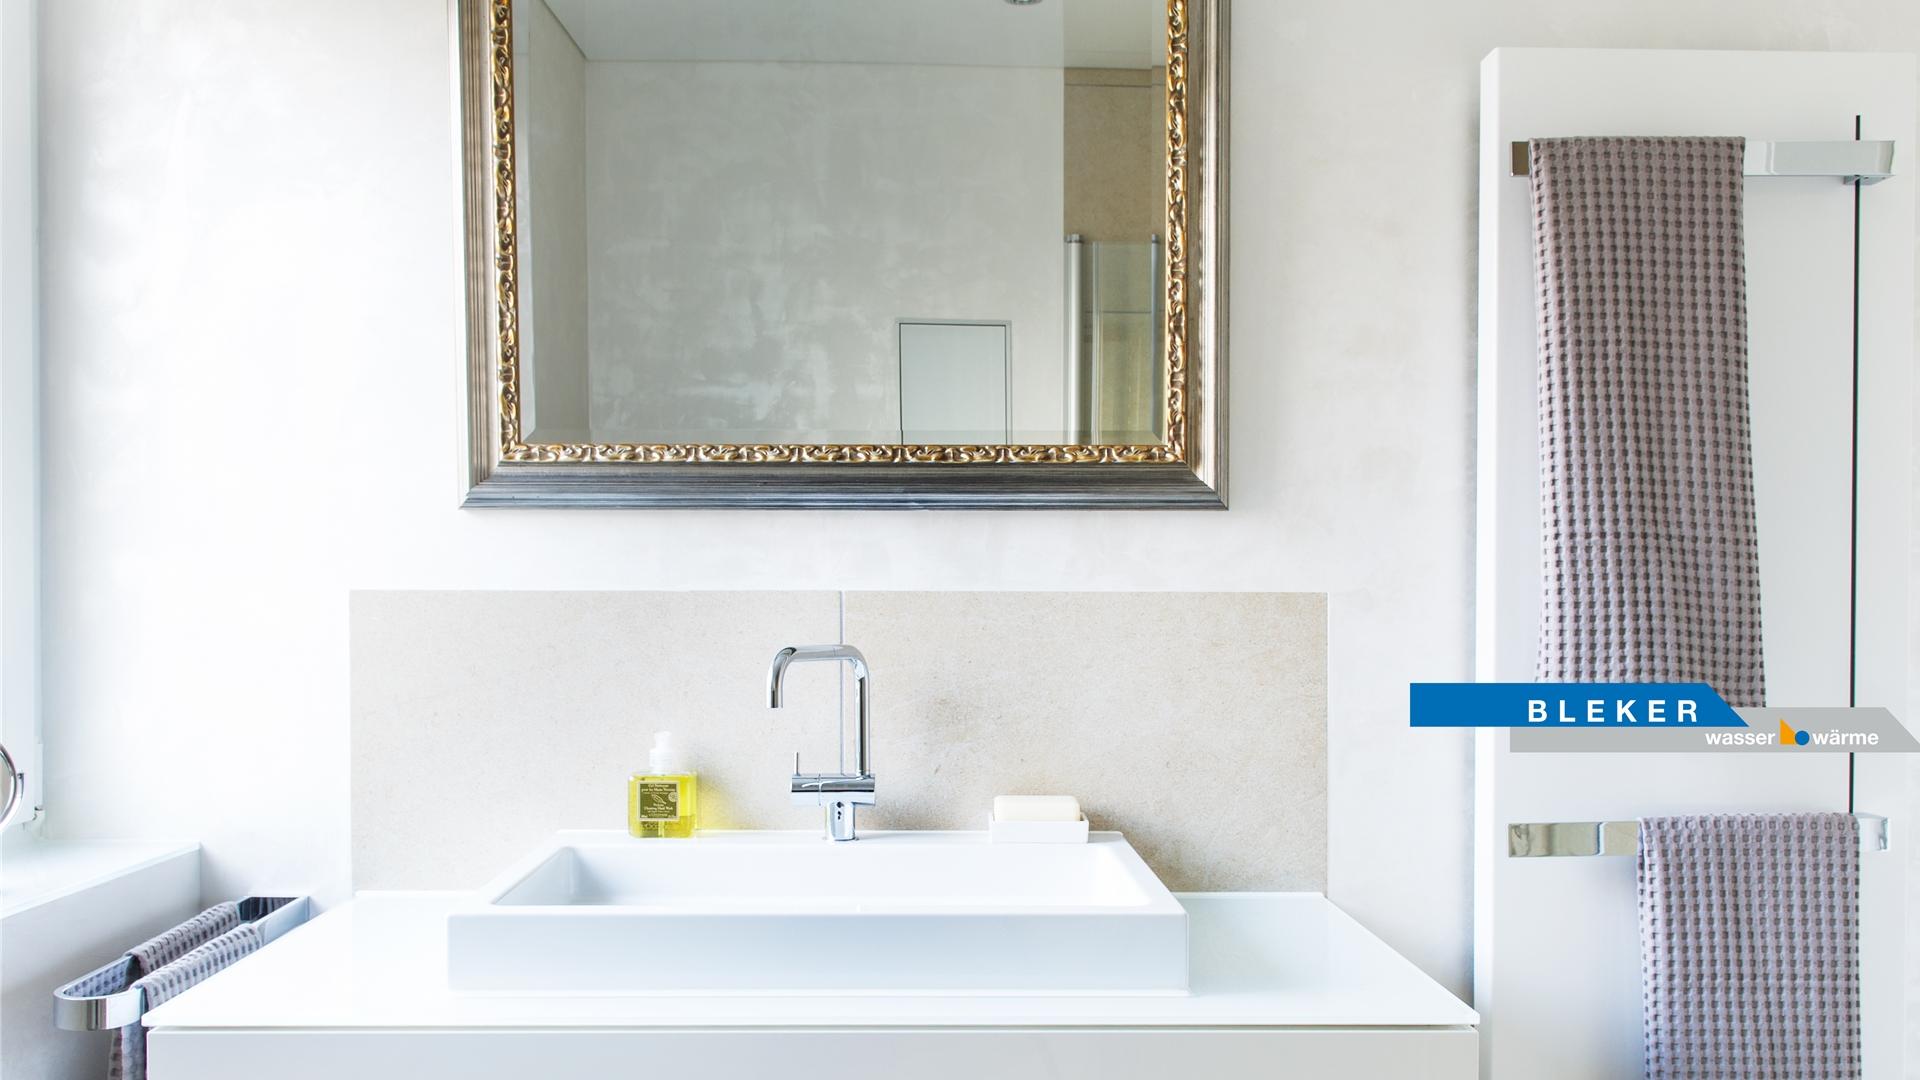 goldener Spiegel über weissem Waschtisch